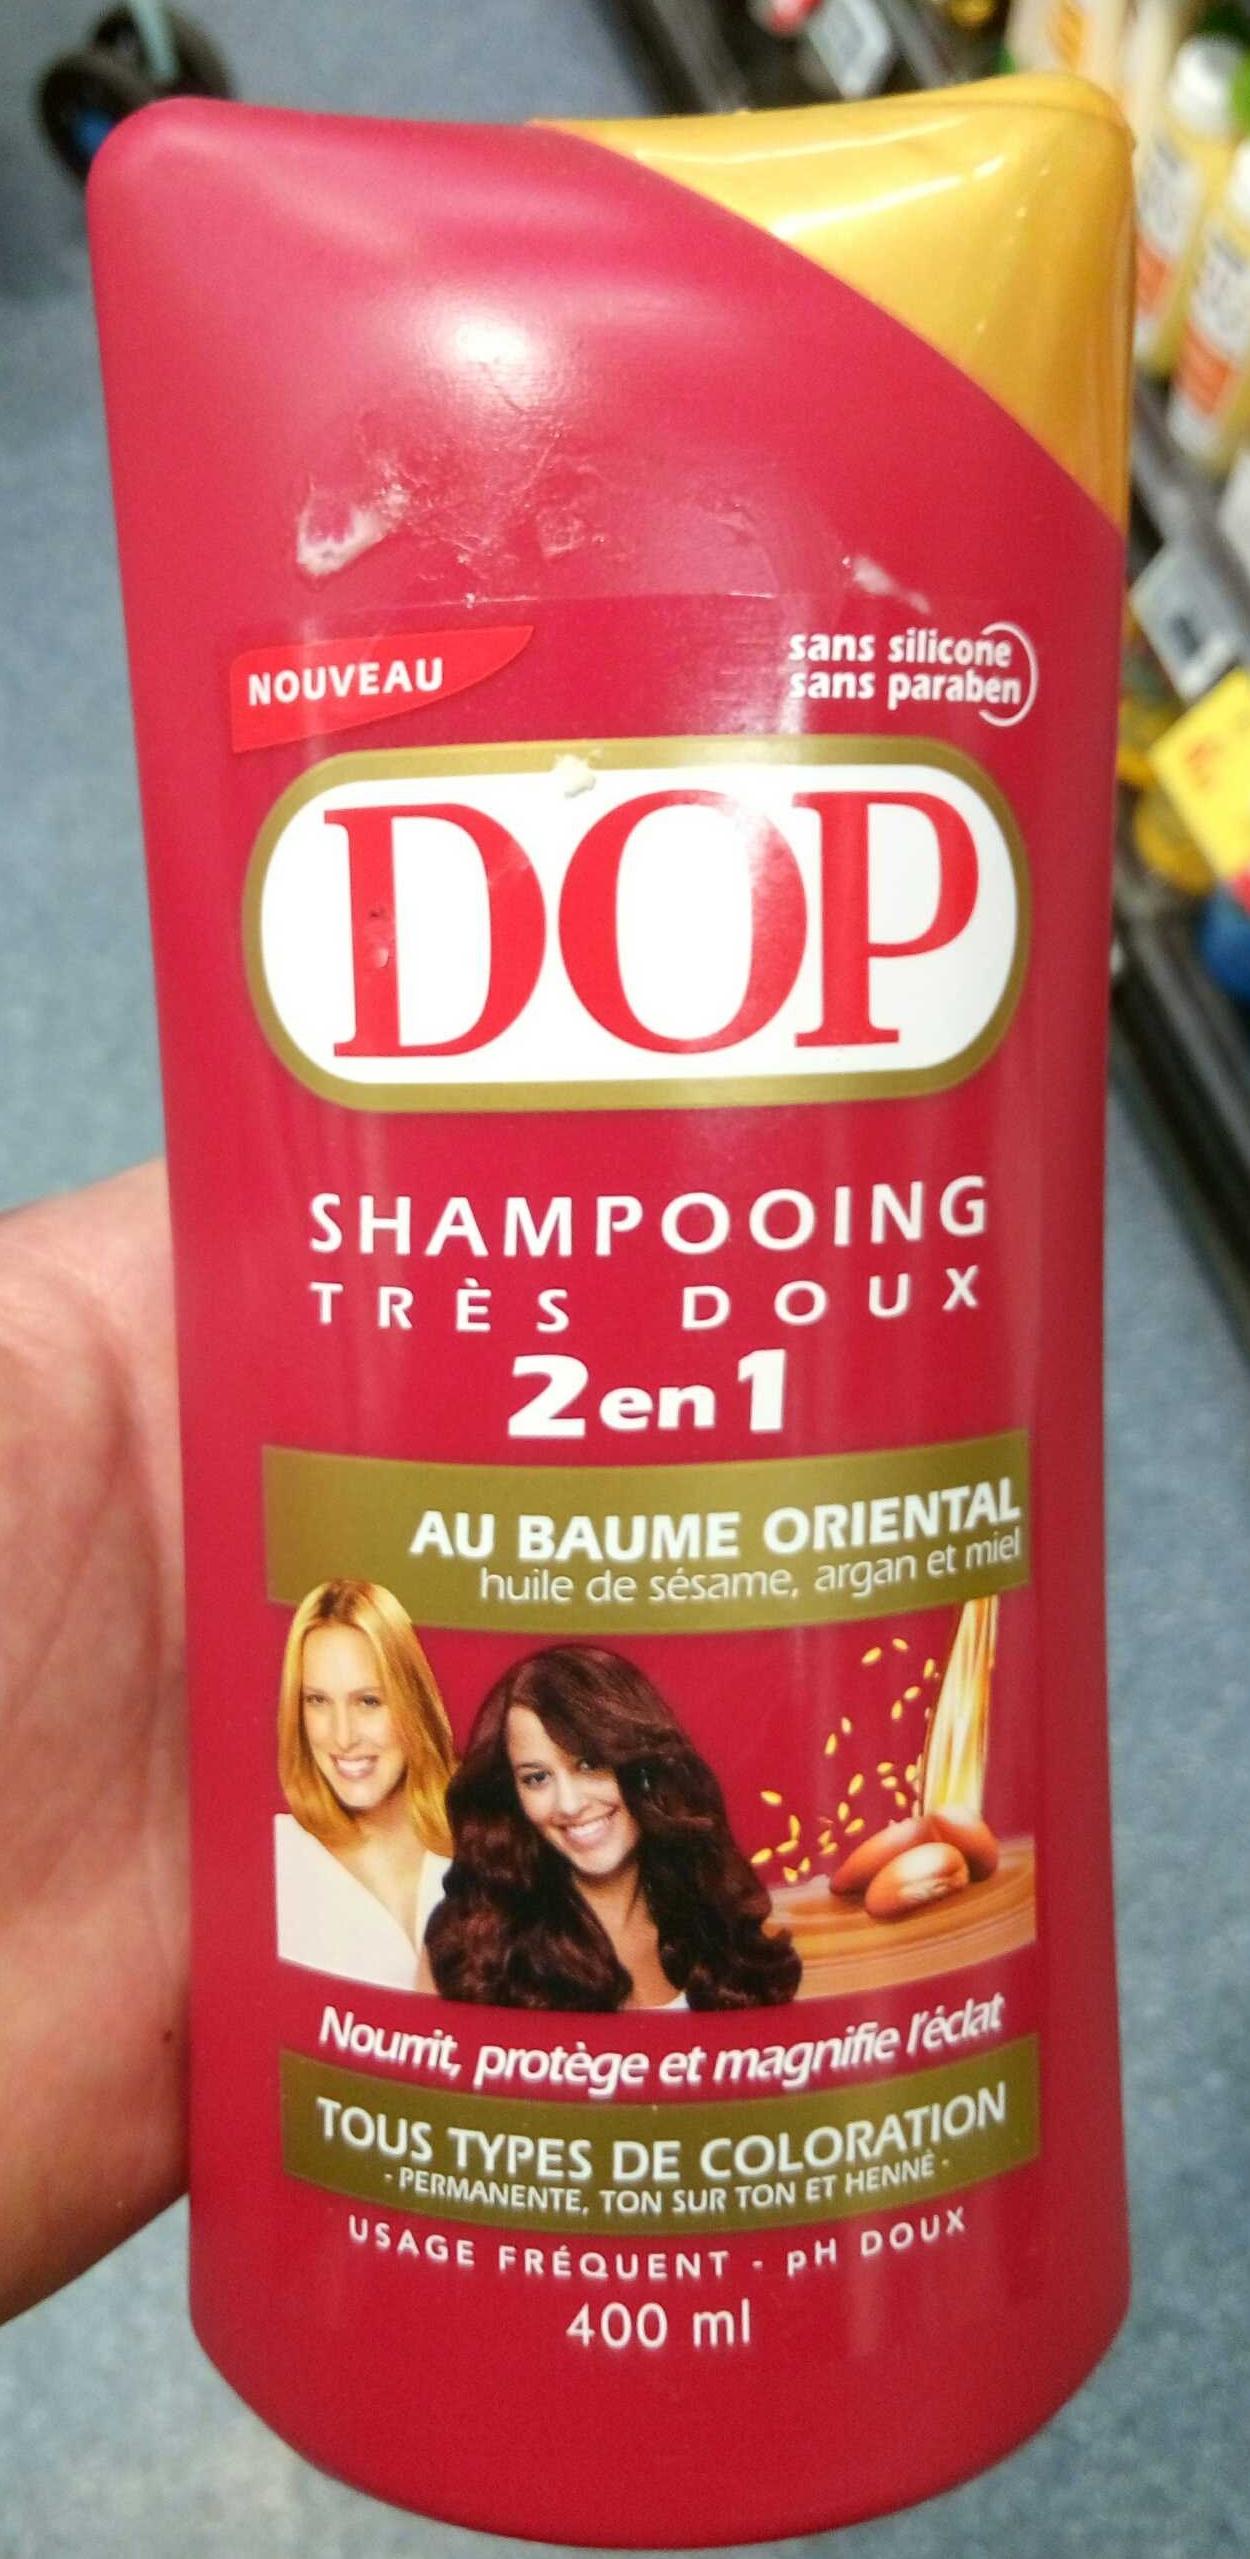 Shampooing très doux 2 en 1 au baume oriental - Product - fr